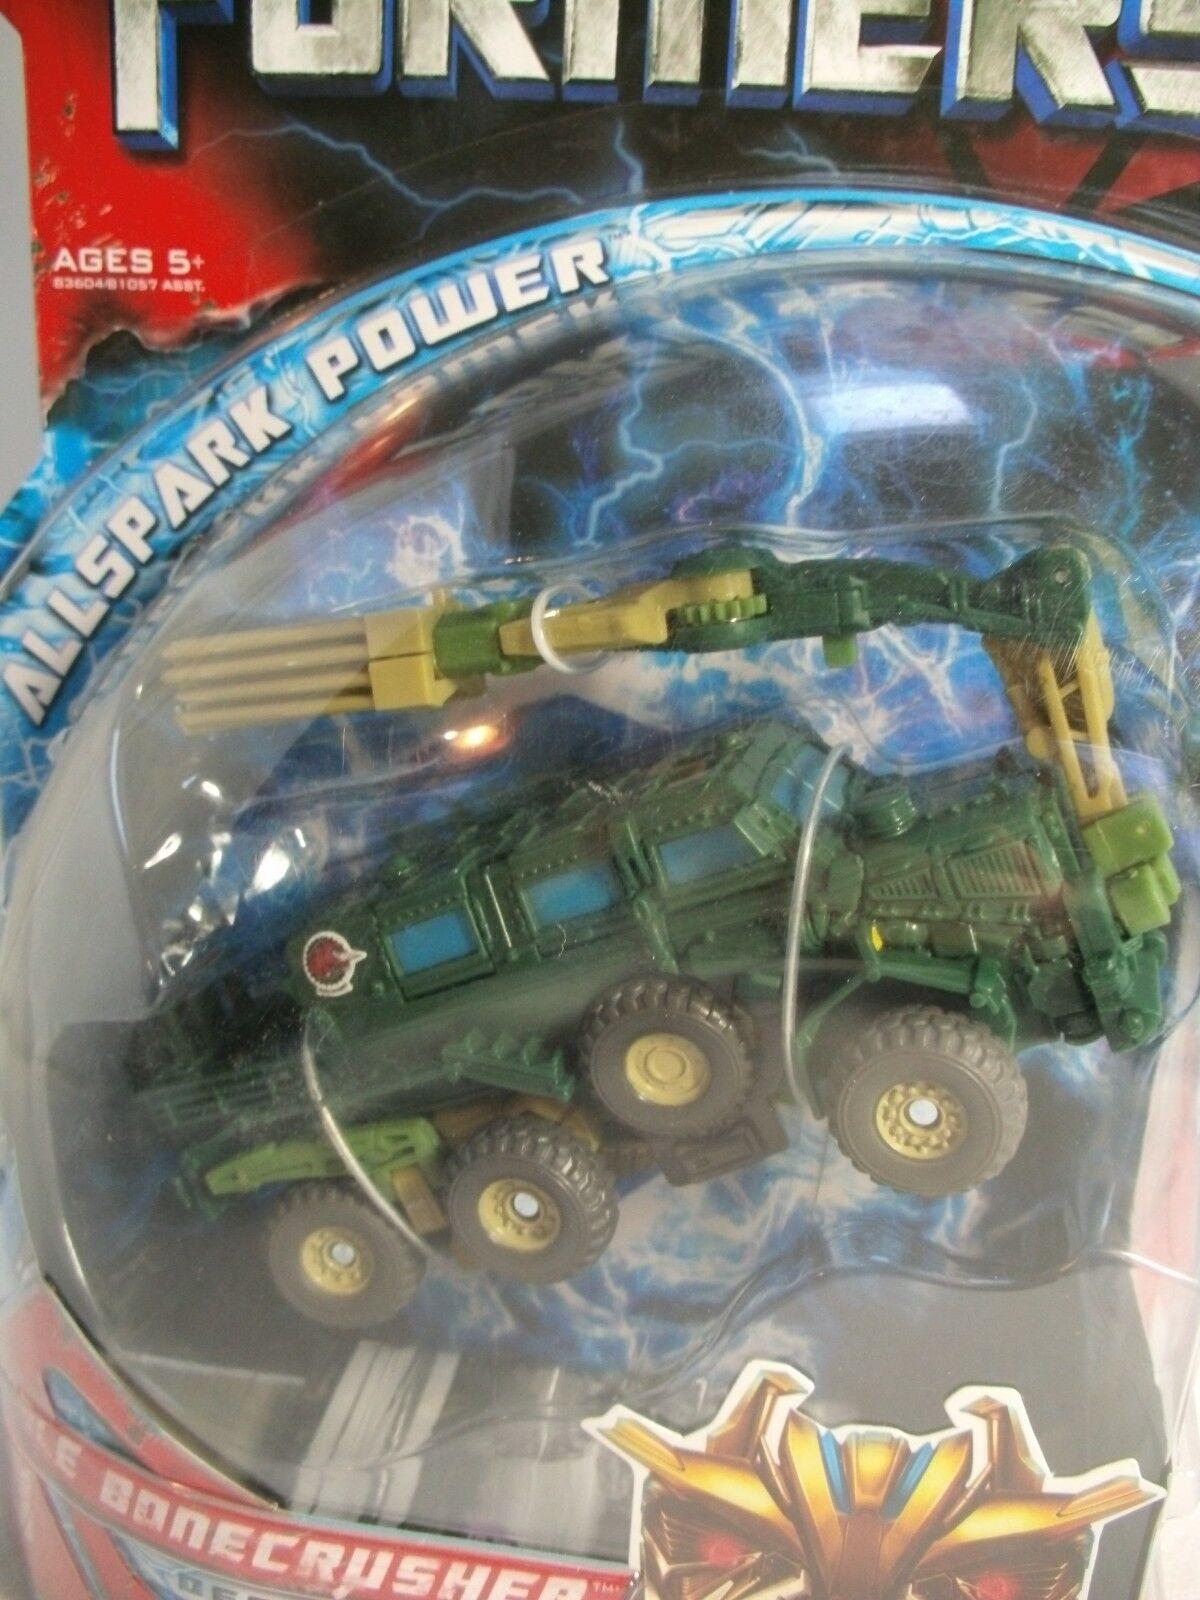 Transformers Movie Decepticon Decepticon Decepticon Jungle Bonecrusher Deluxe Class Action Figure ef5300